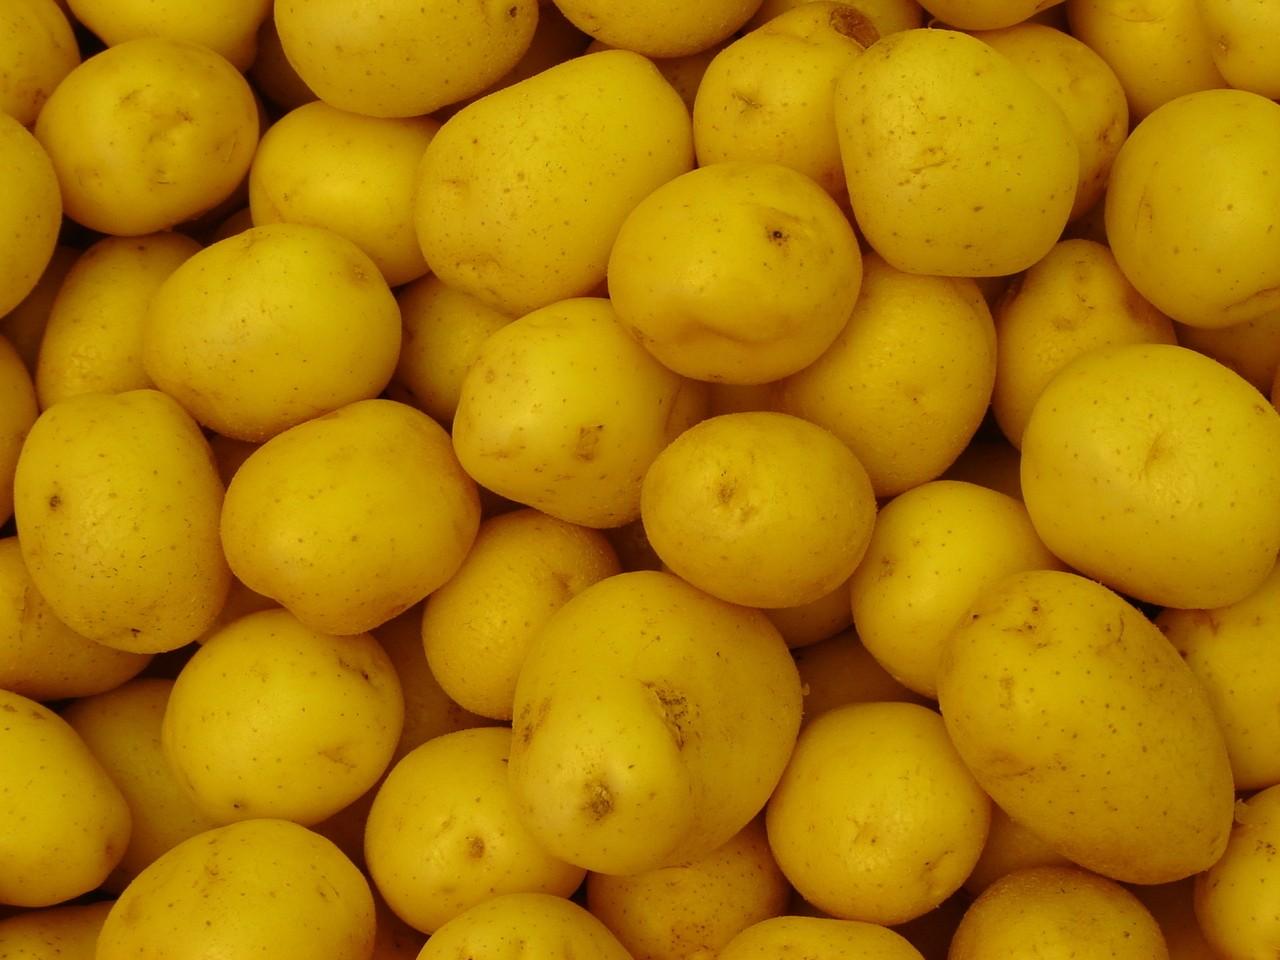 Makarony, ziemniaki, kasza – a może coś innego